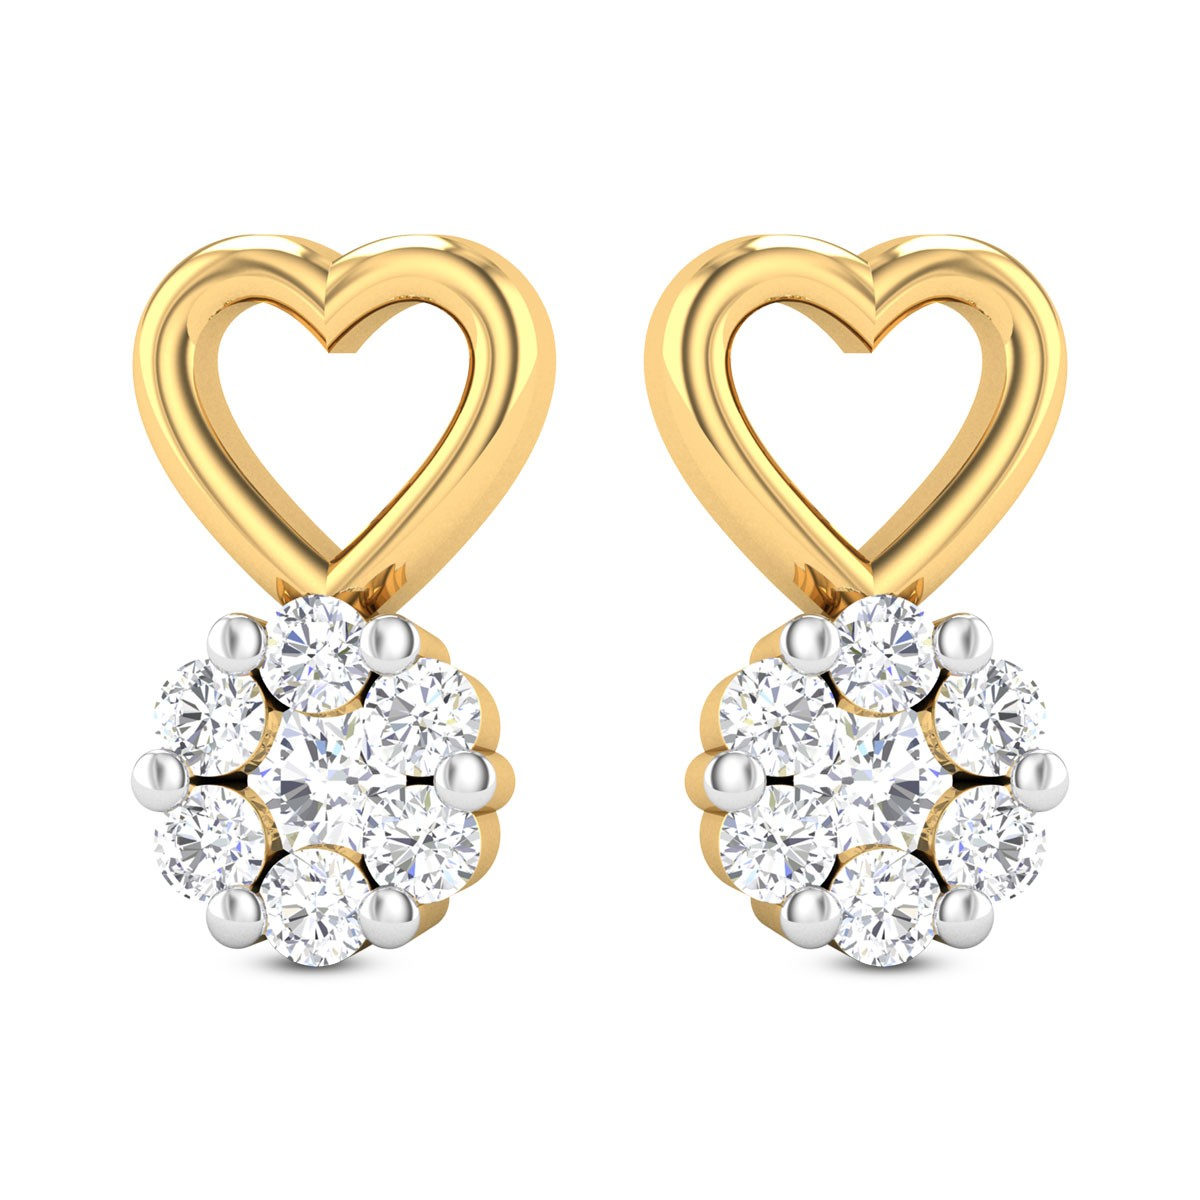 Andrea Diamond Earrings